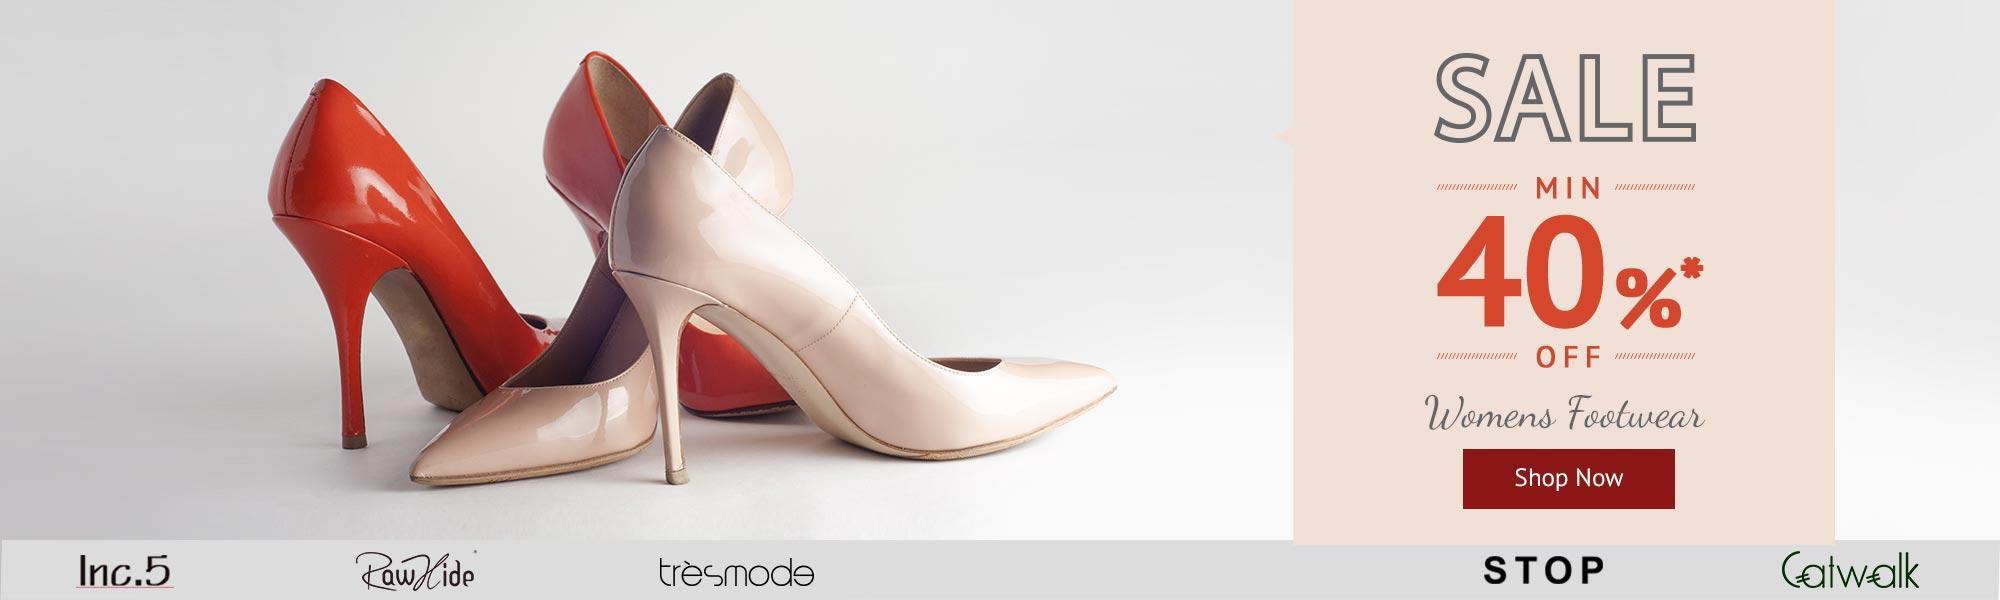 banner_00_2000x600_womens-footwear_EN_2000W_20170124